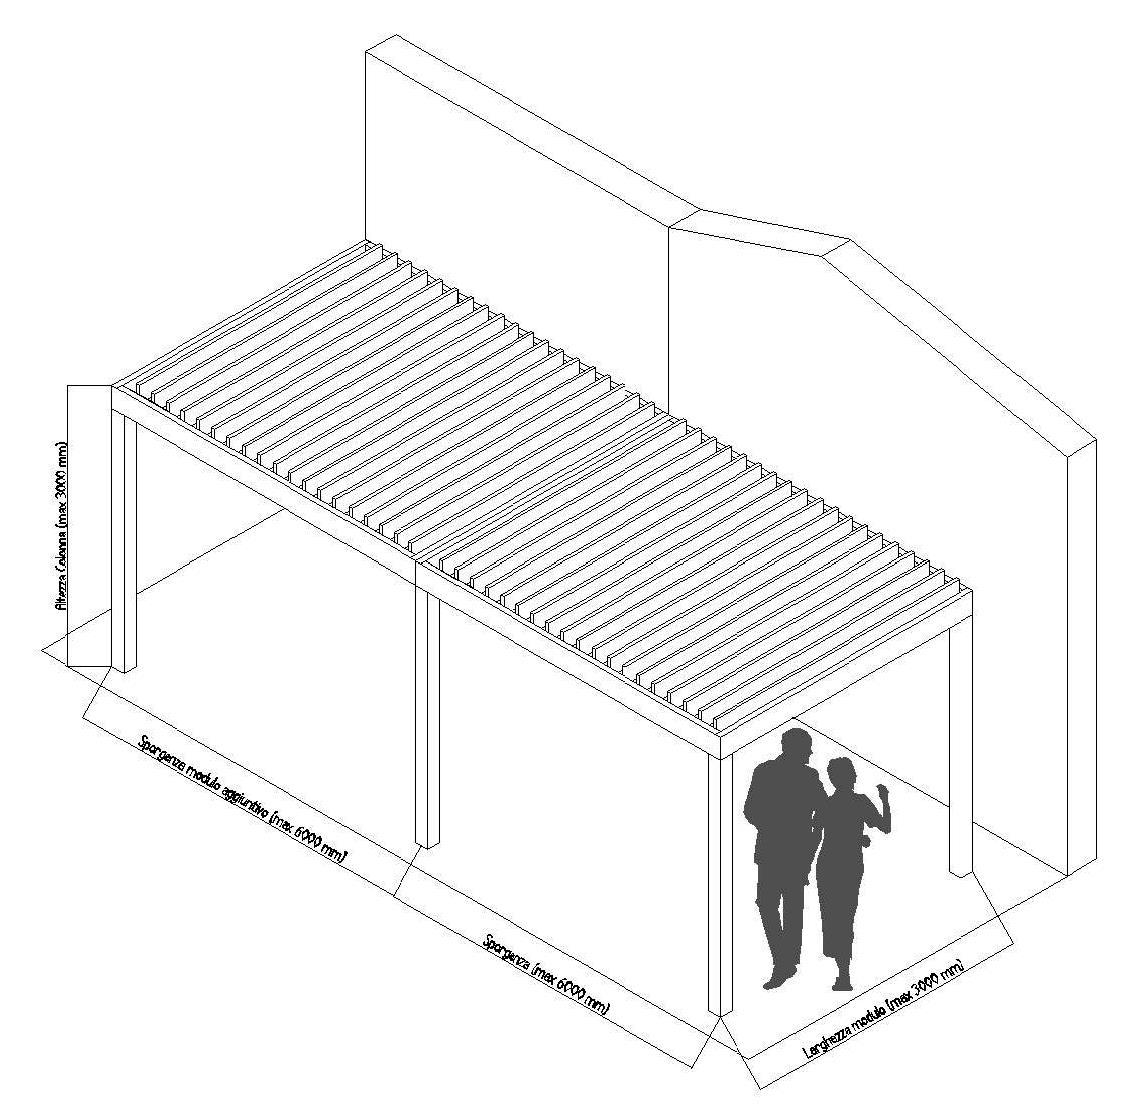 Pergola-bioclimatica-frangisole-addossato-parete-pale-perpendicolari-modulo-addossato-aggiuntivo-Stameat-Bolzano